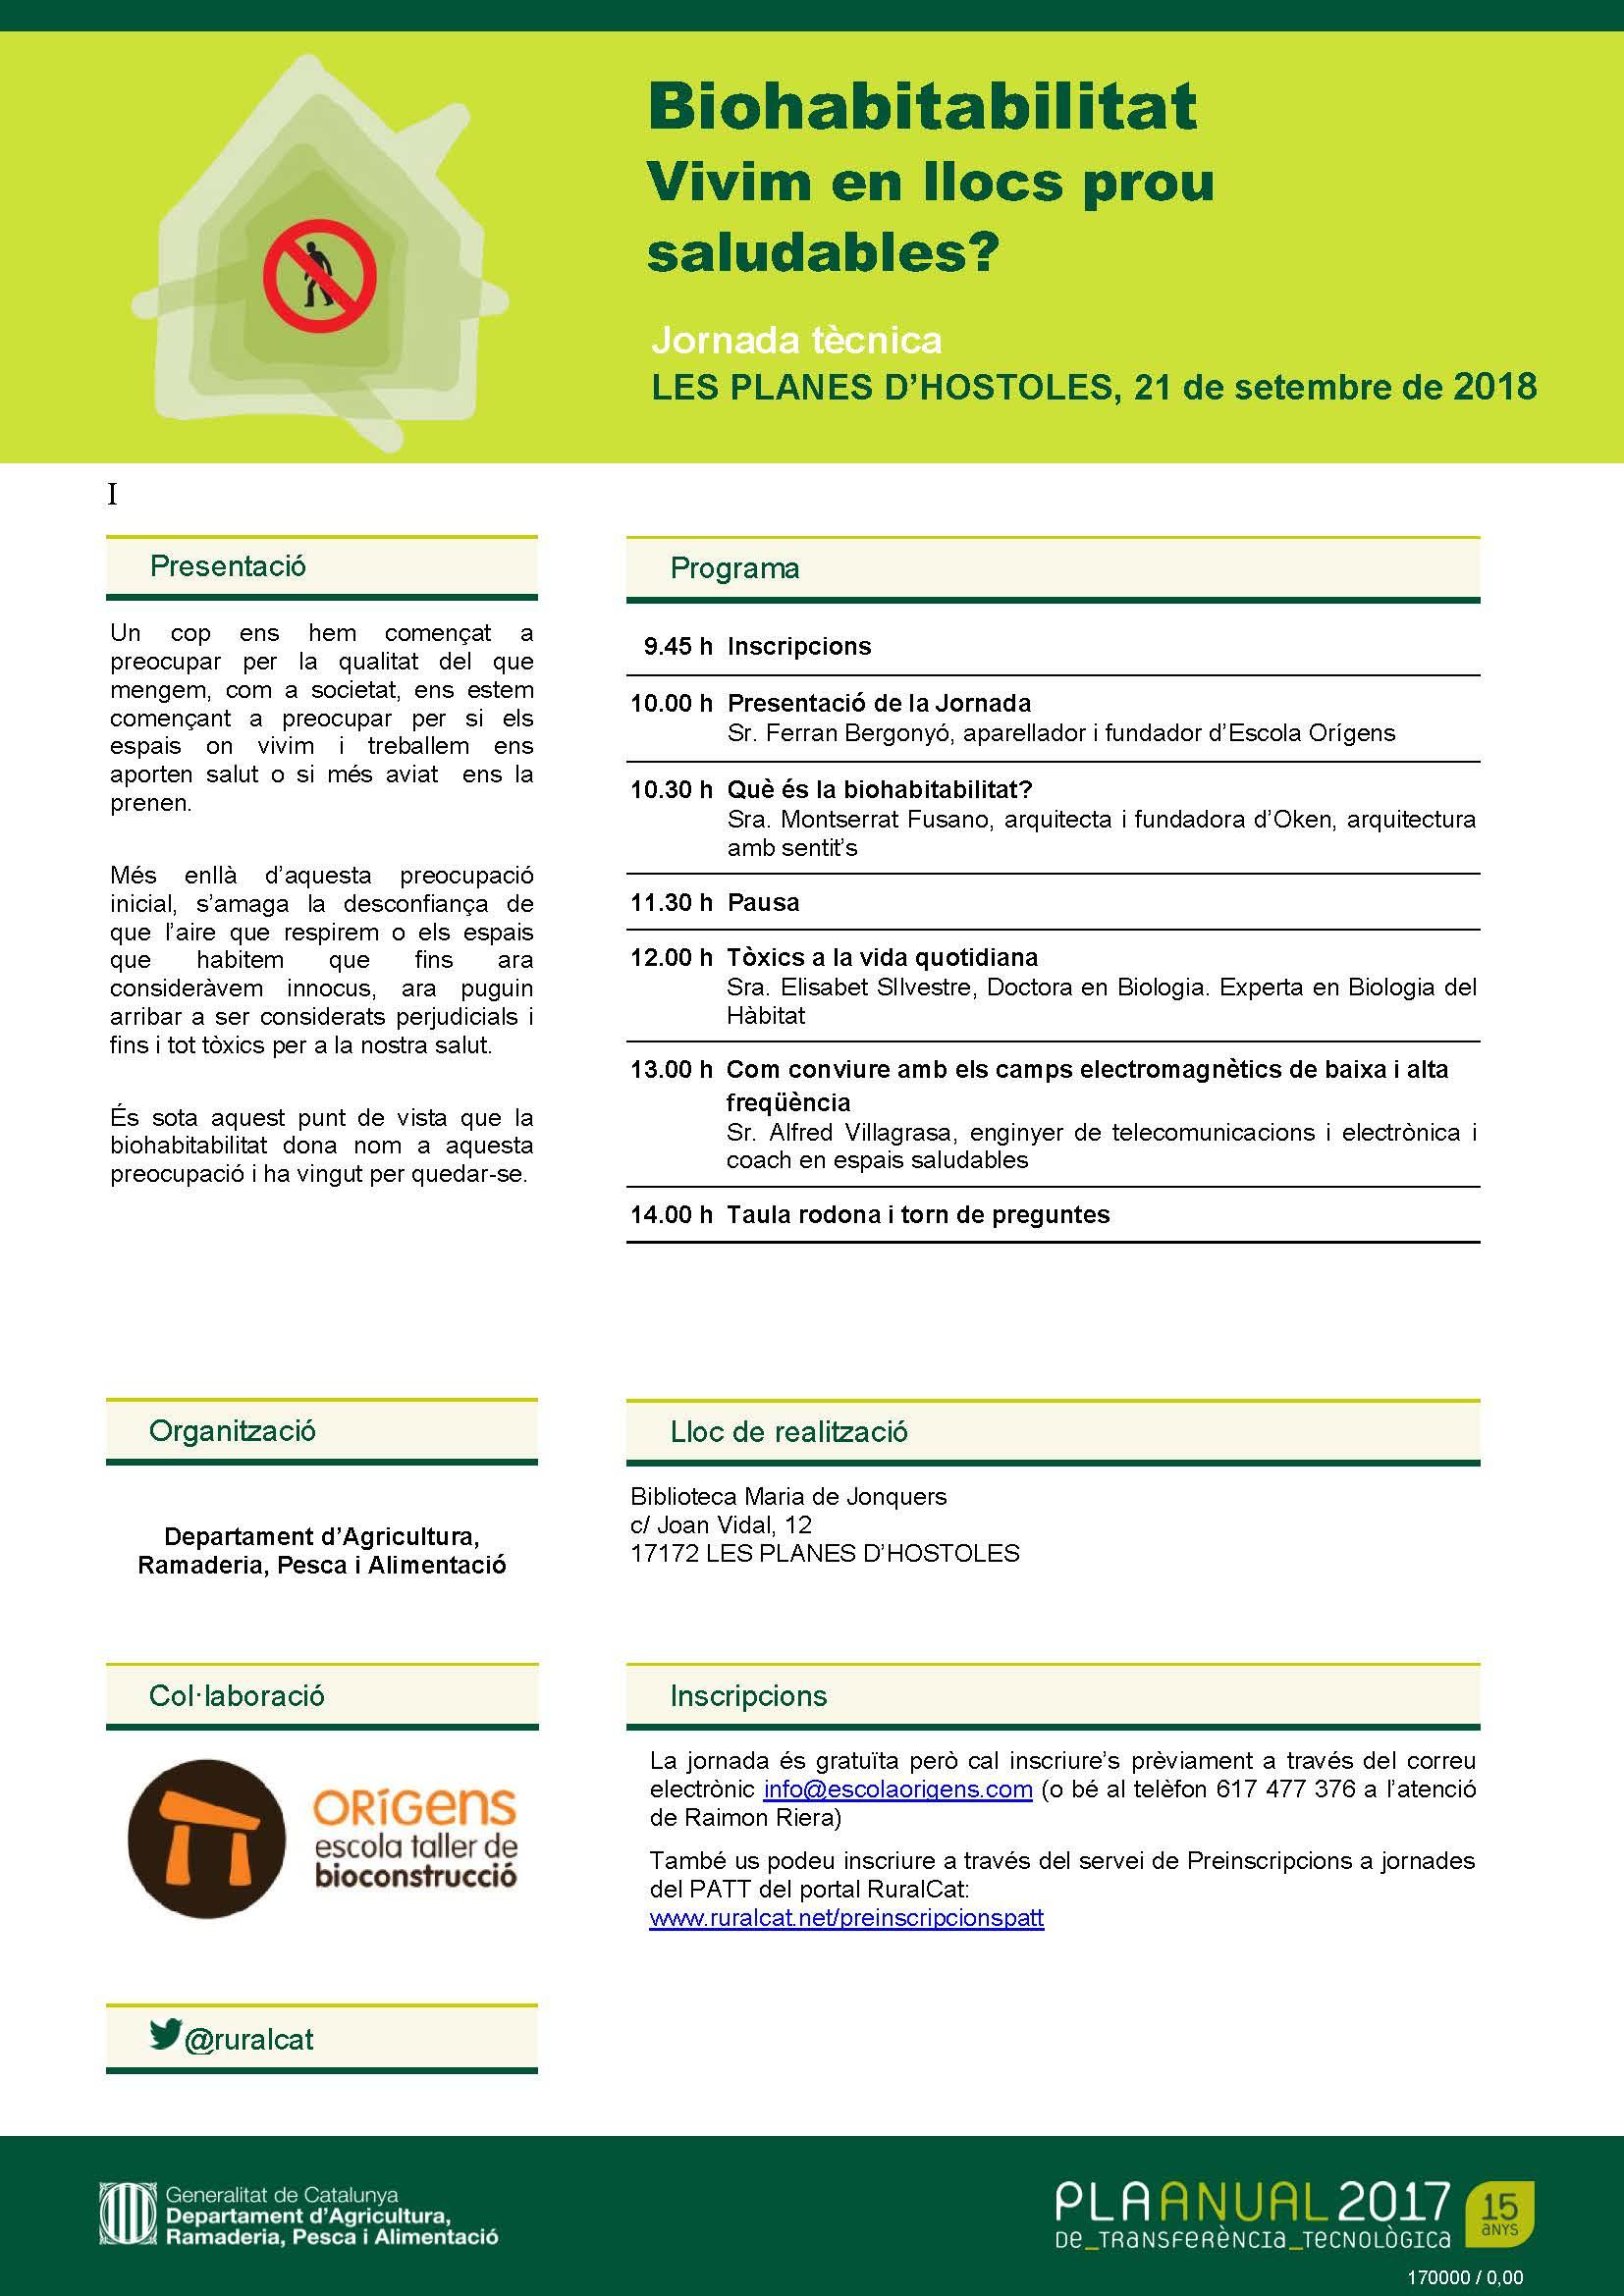 Plantilla_Biohabitabilitat v2